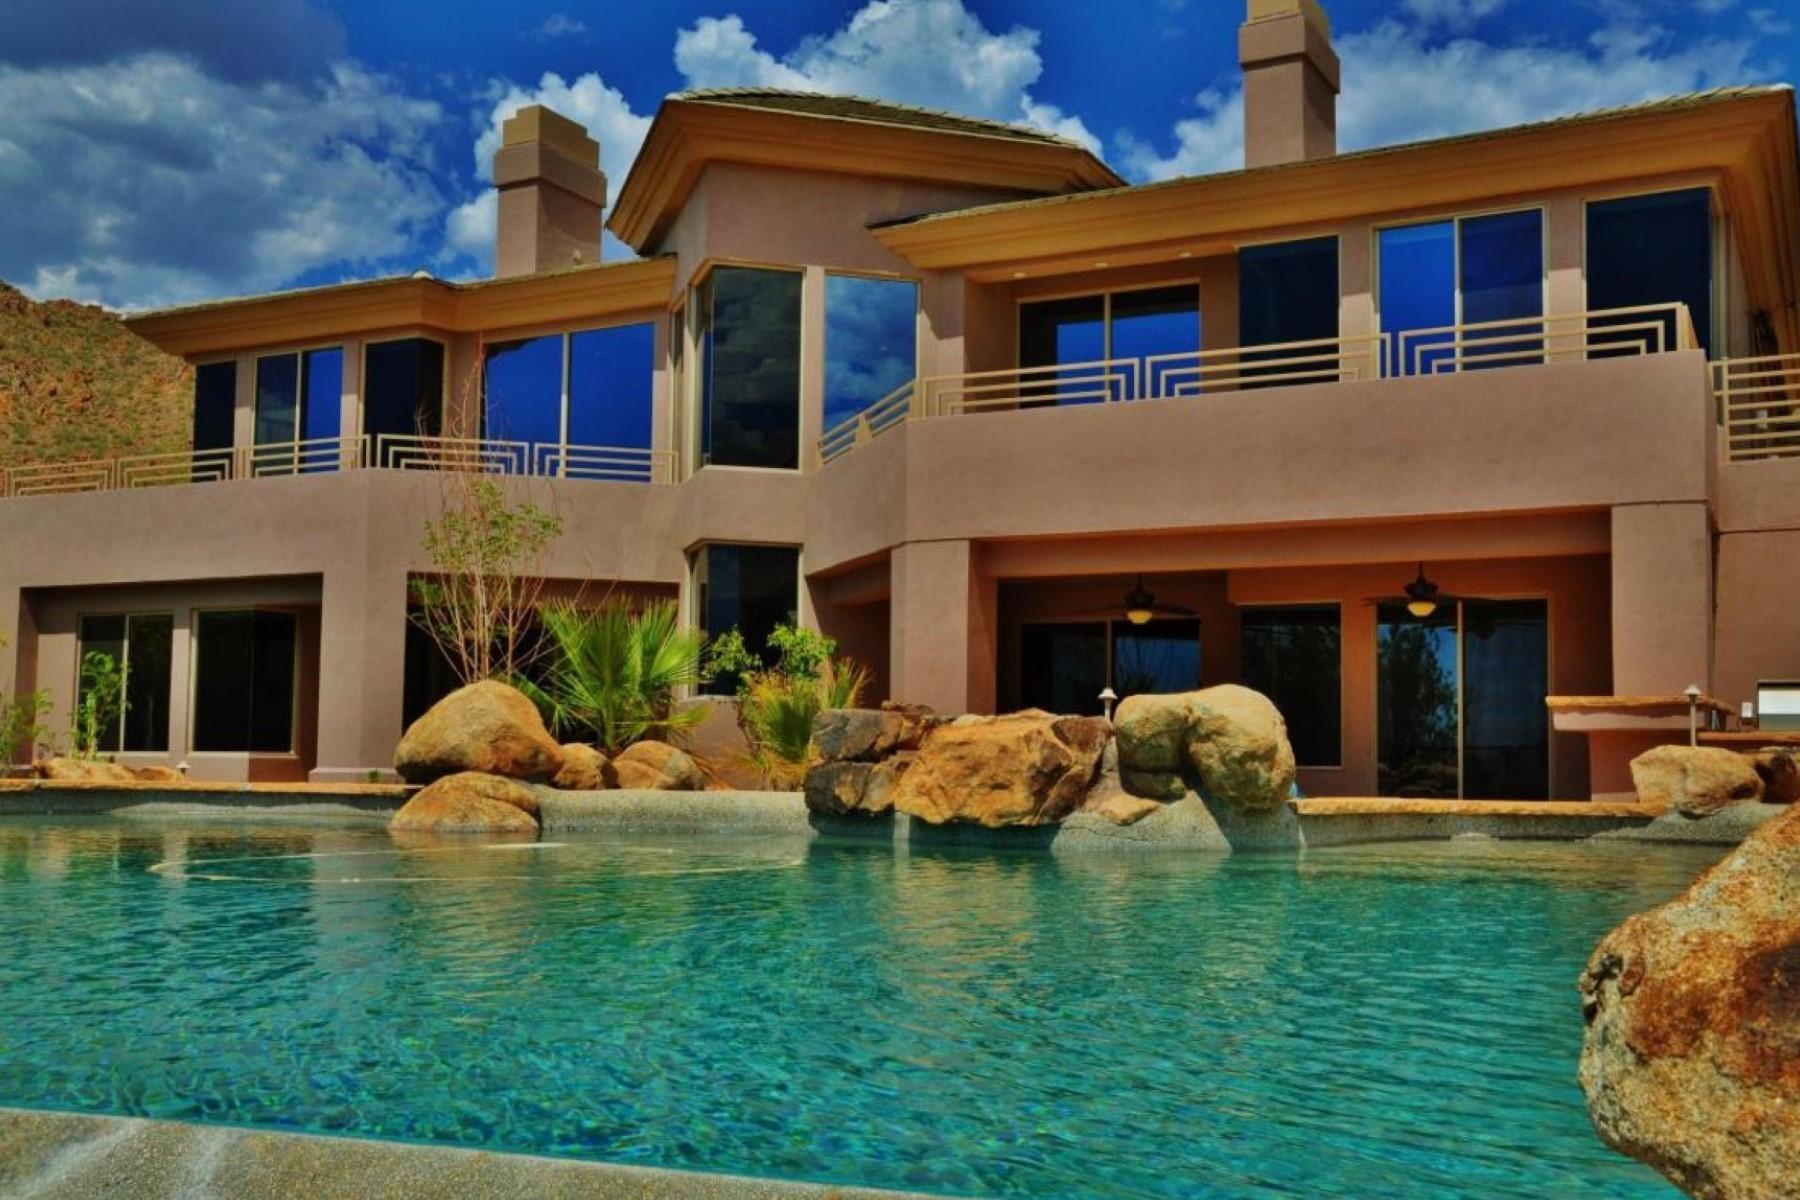 一戸建て のために 売買 アット Spectacular Remodeled Home in Scottsdale Mountain with Unparalleled Views 12639 N 136th Street Scottsdale, アリゾナ 85259 アメリカ合衆国